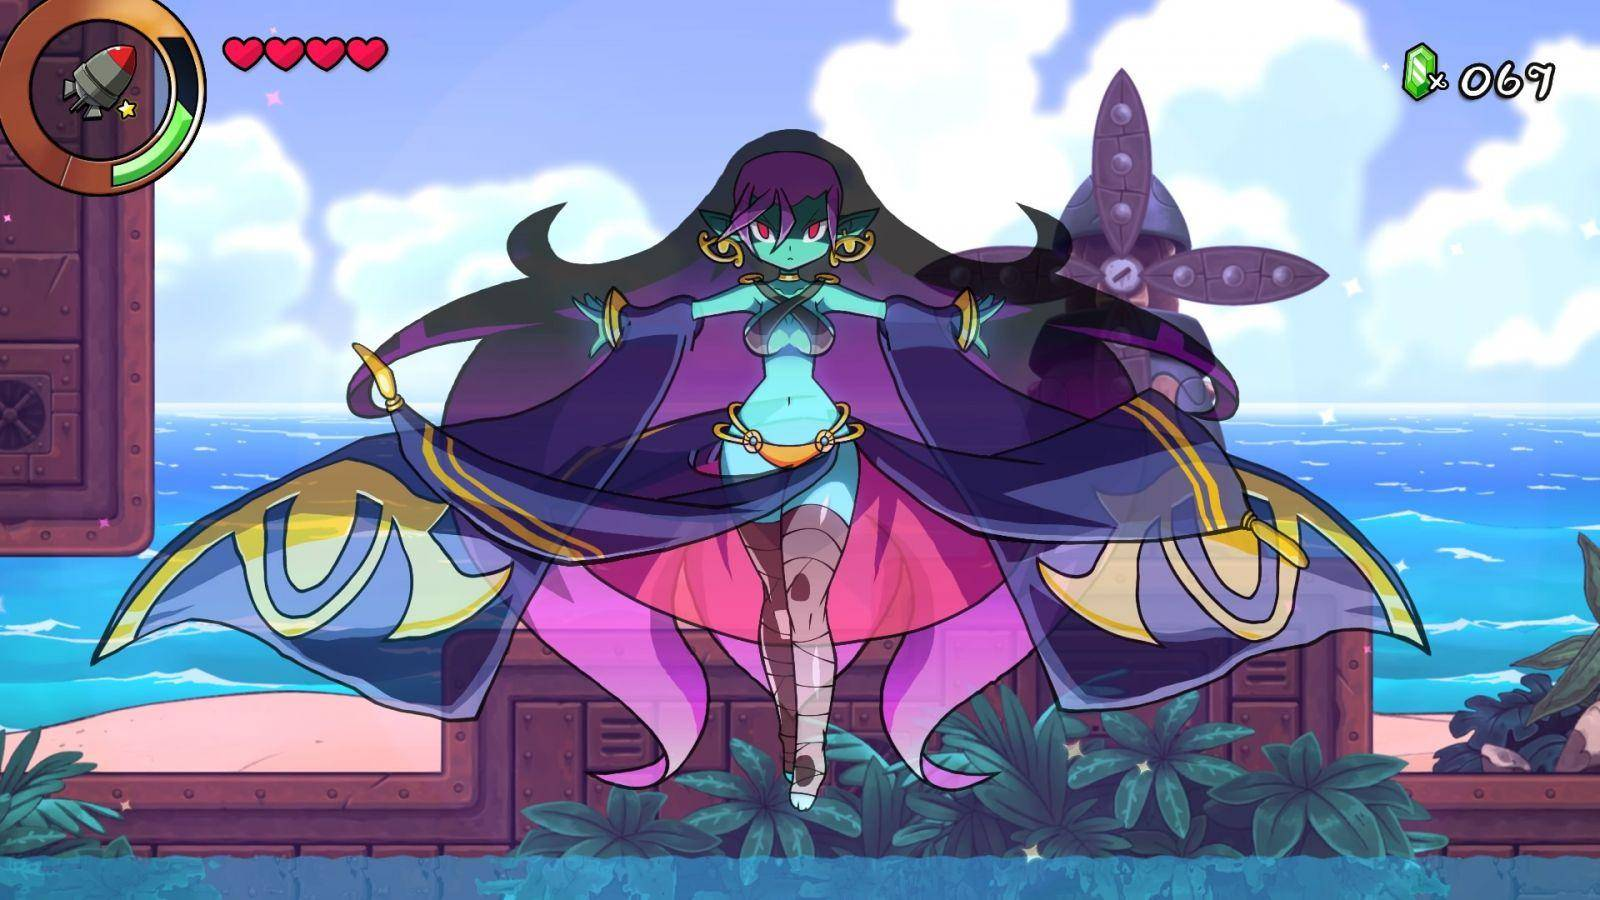 Reseña: Shantae and the Seven Sirens una nueva aventura en pleno 2020 2